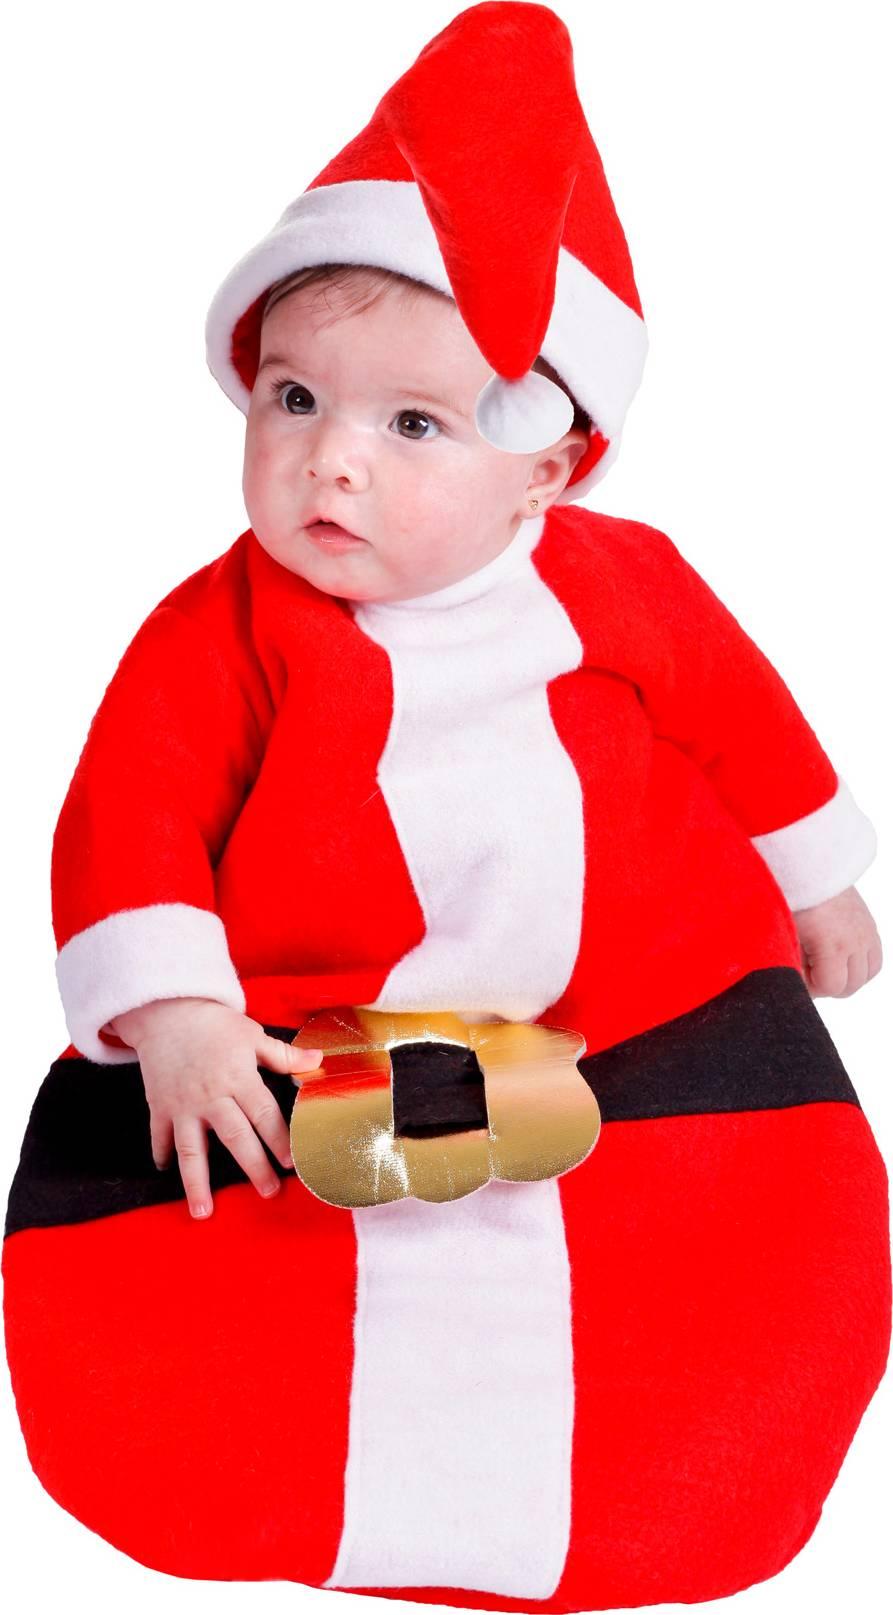 Disfraz De Papa Noel Para Bebe Disfraces Ninosy Disfraces - Disfraces-papa-noel-bebe